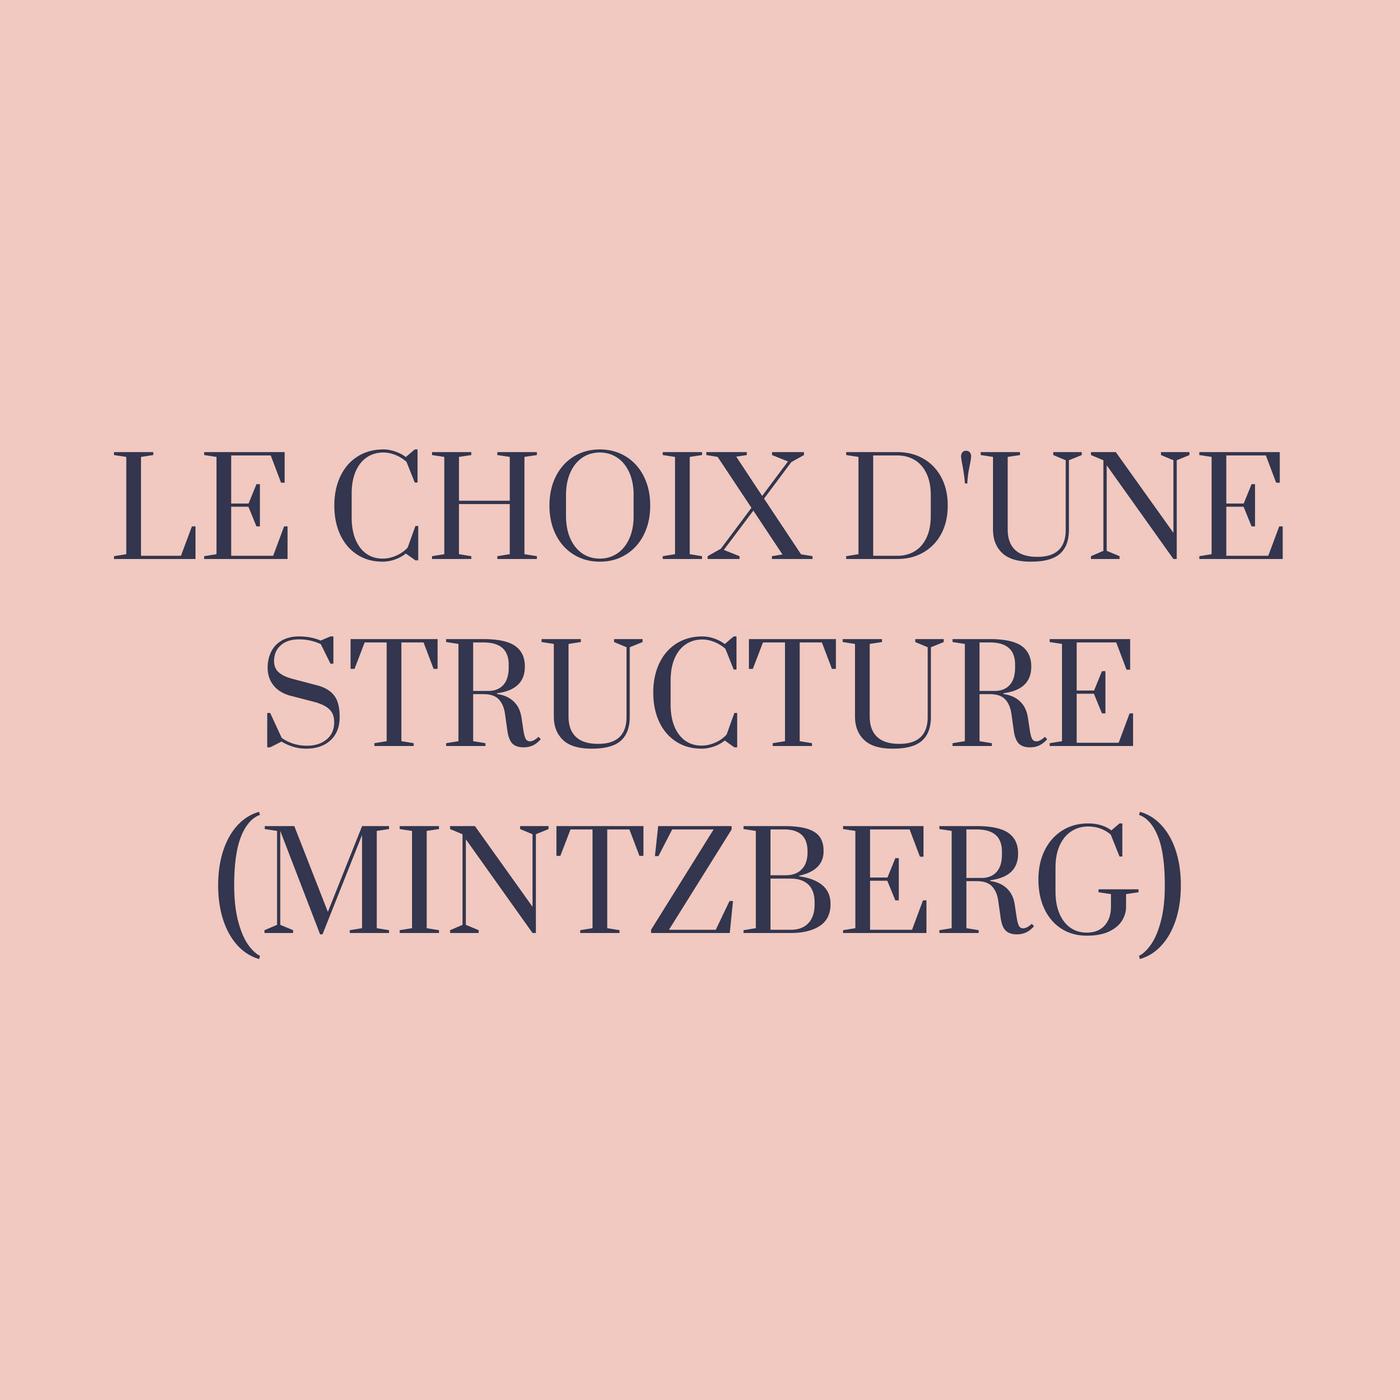 Le choix d'une structure et les principales configurations structurelles